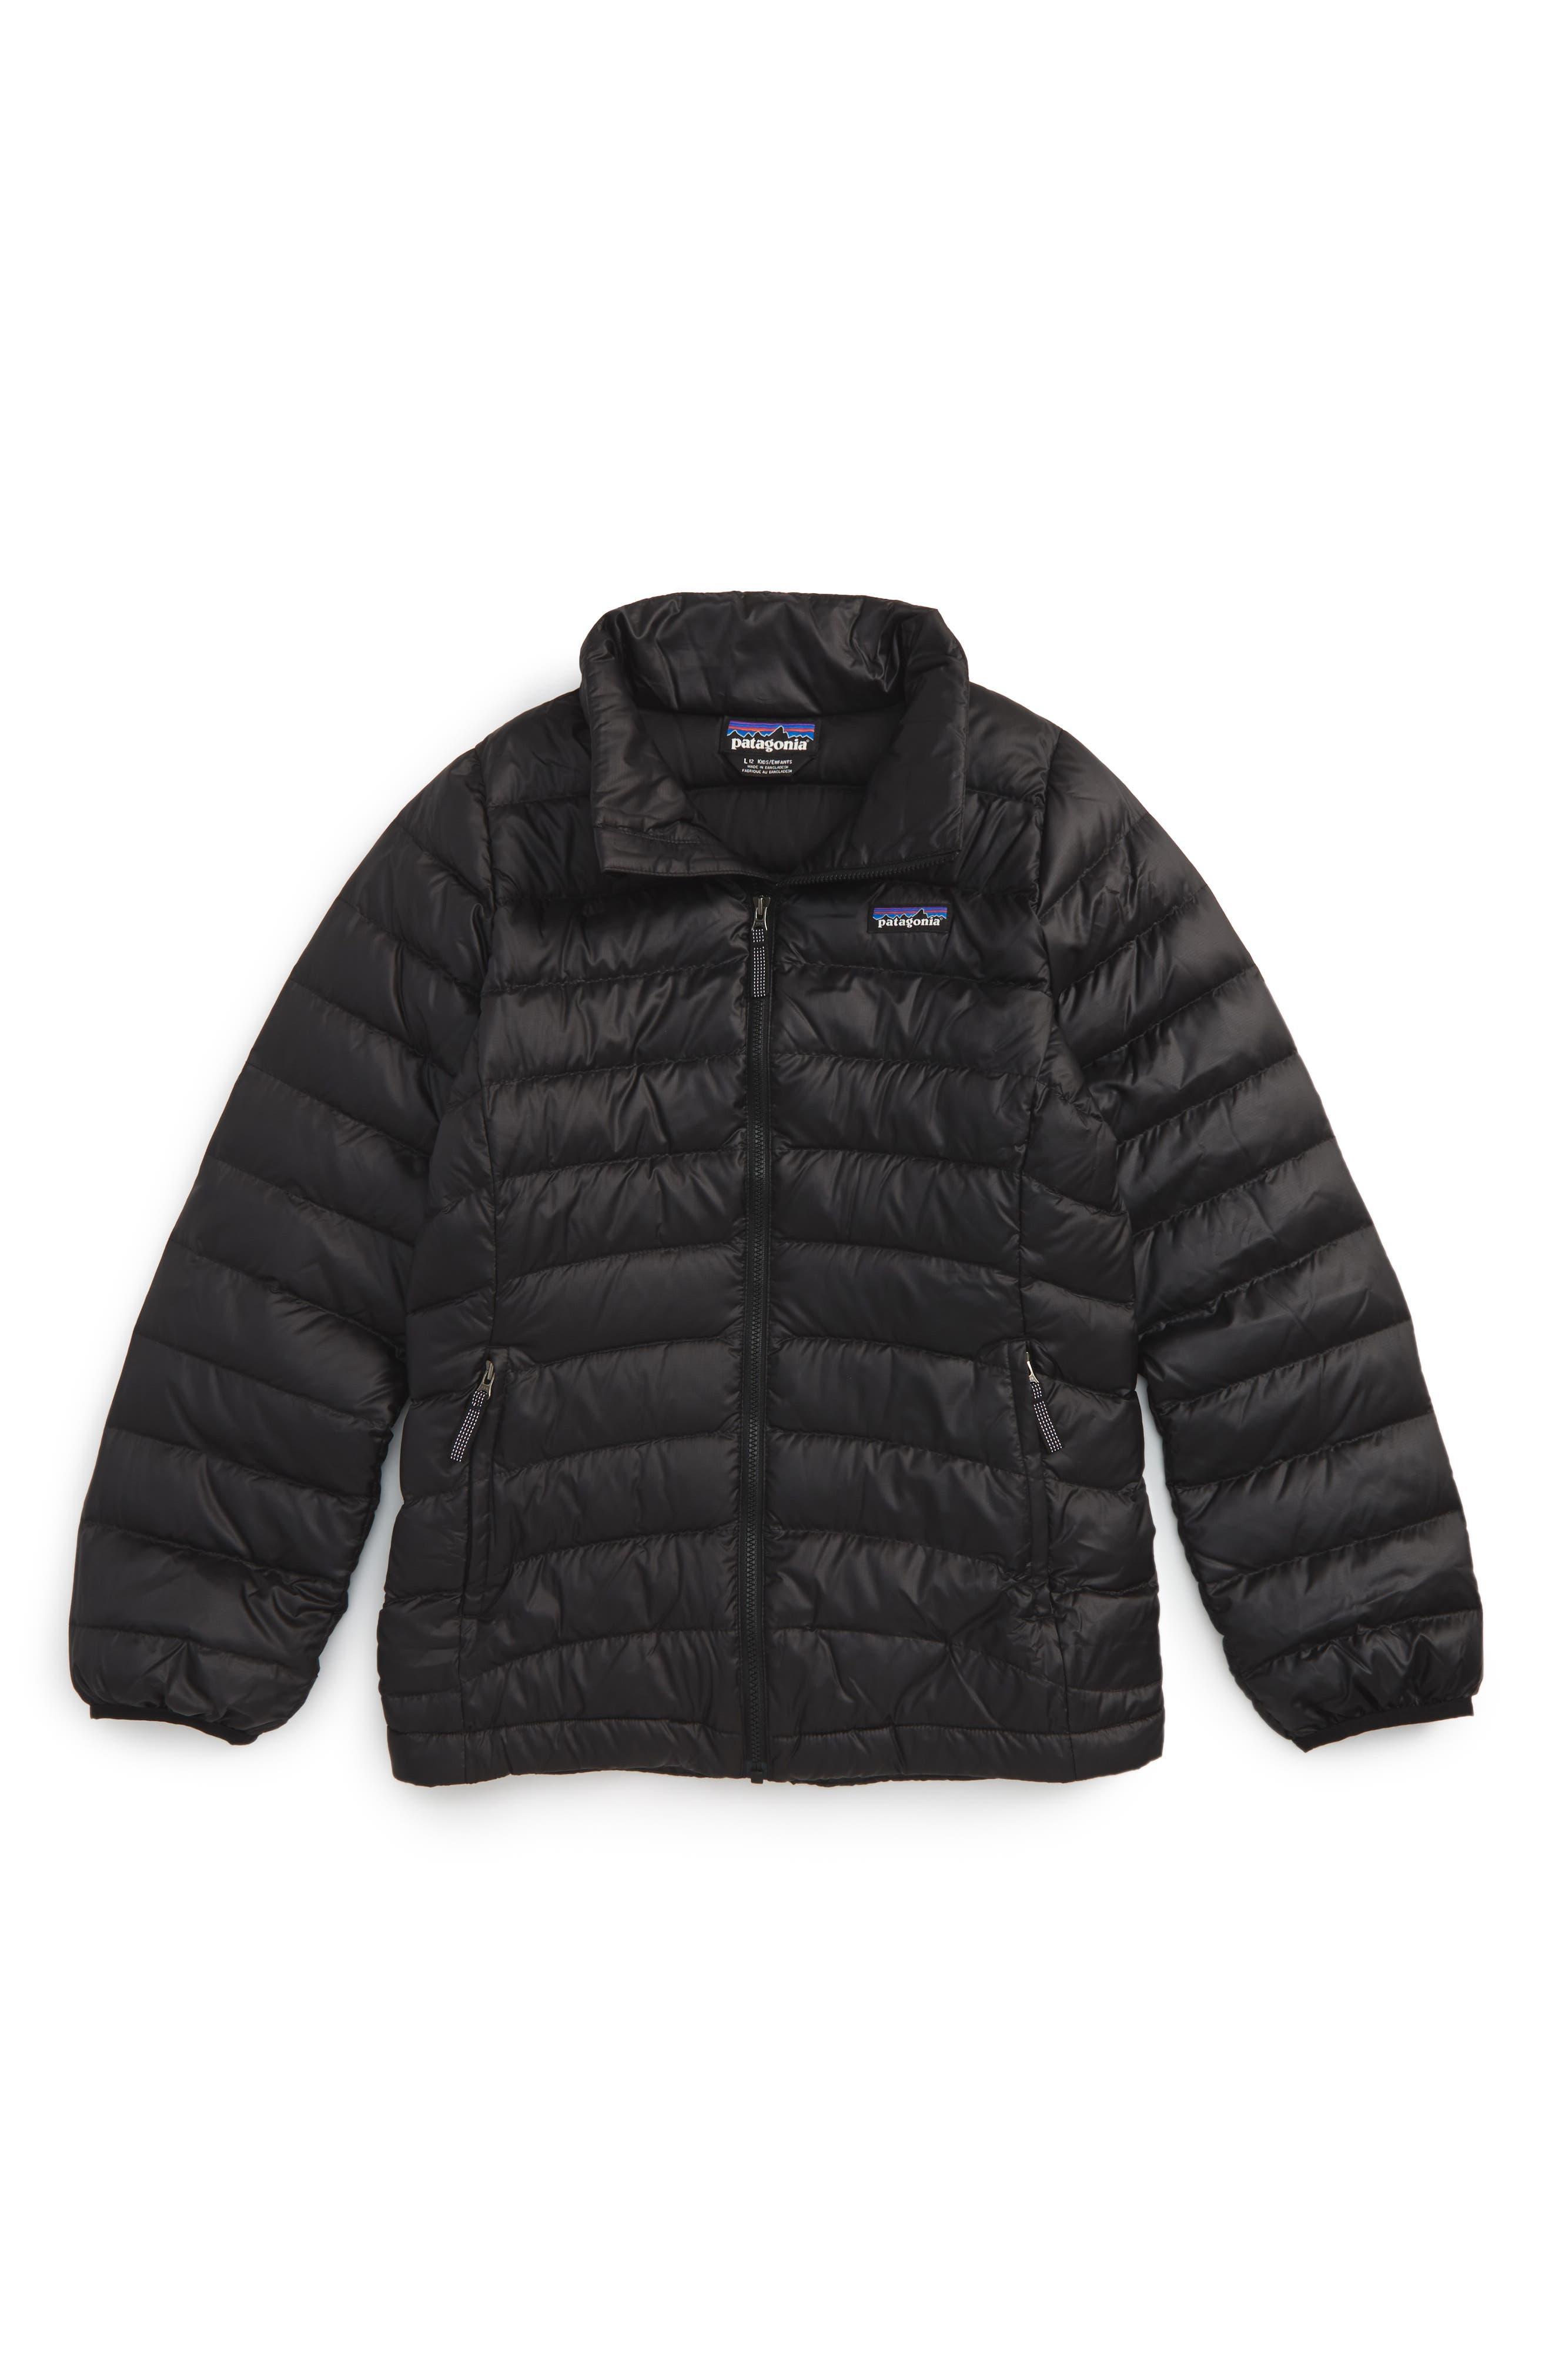 Girls Patagonia Down Jacket Size M (10)  Black